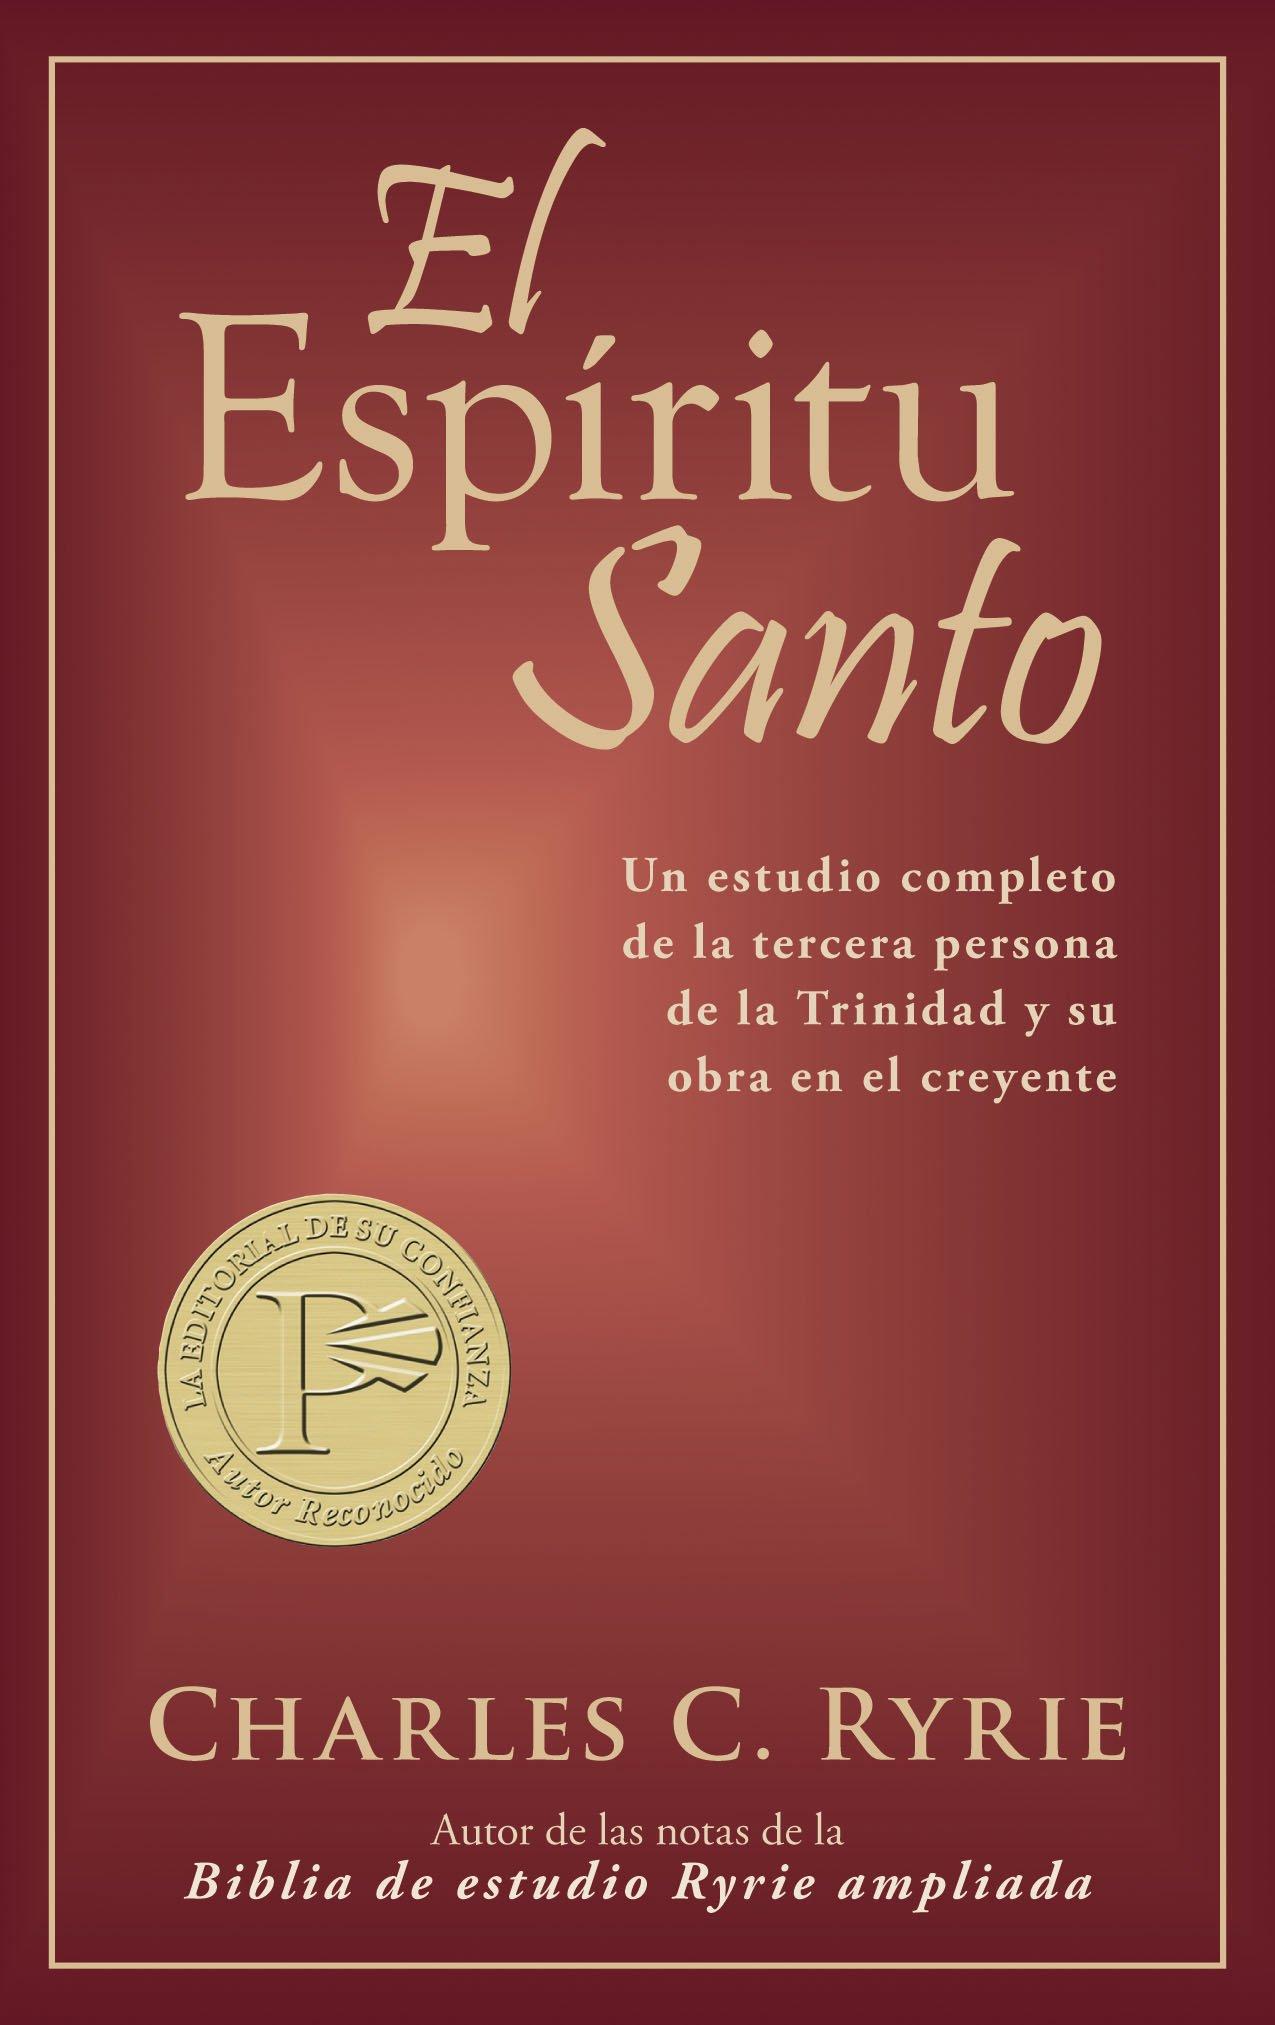 El espiritu santo the holy spirit un estudio completo de la tercera persona de la trinidad y su obra en el creyente charles c ryrie amazon com mx